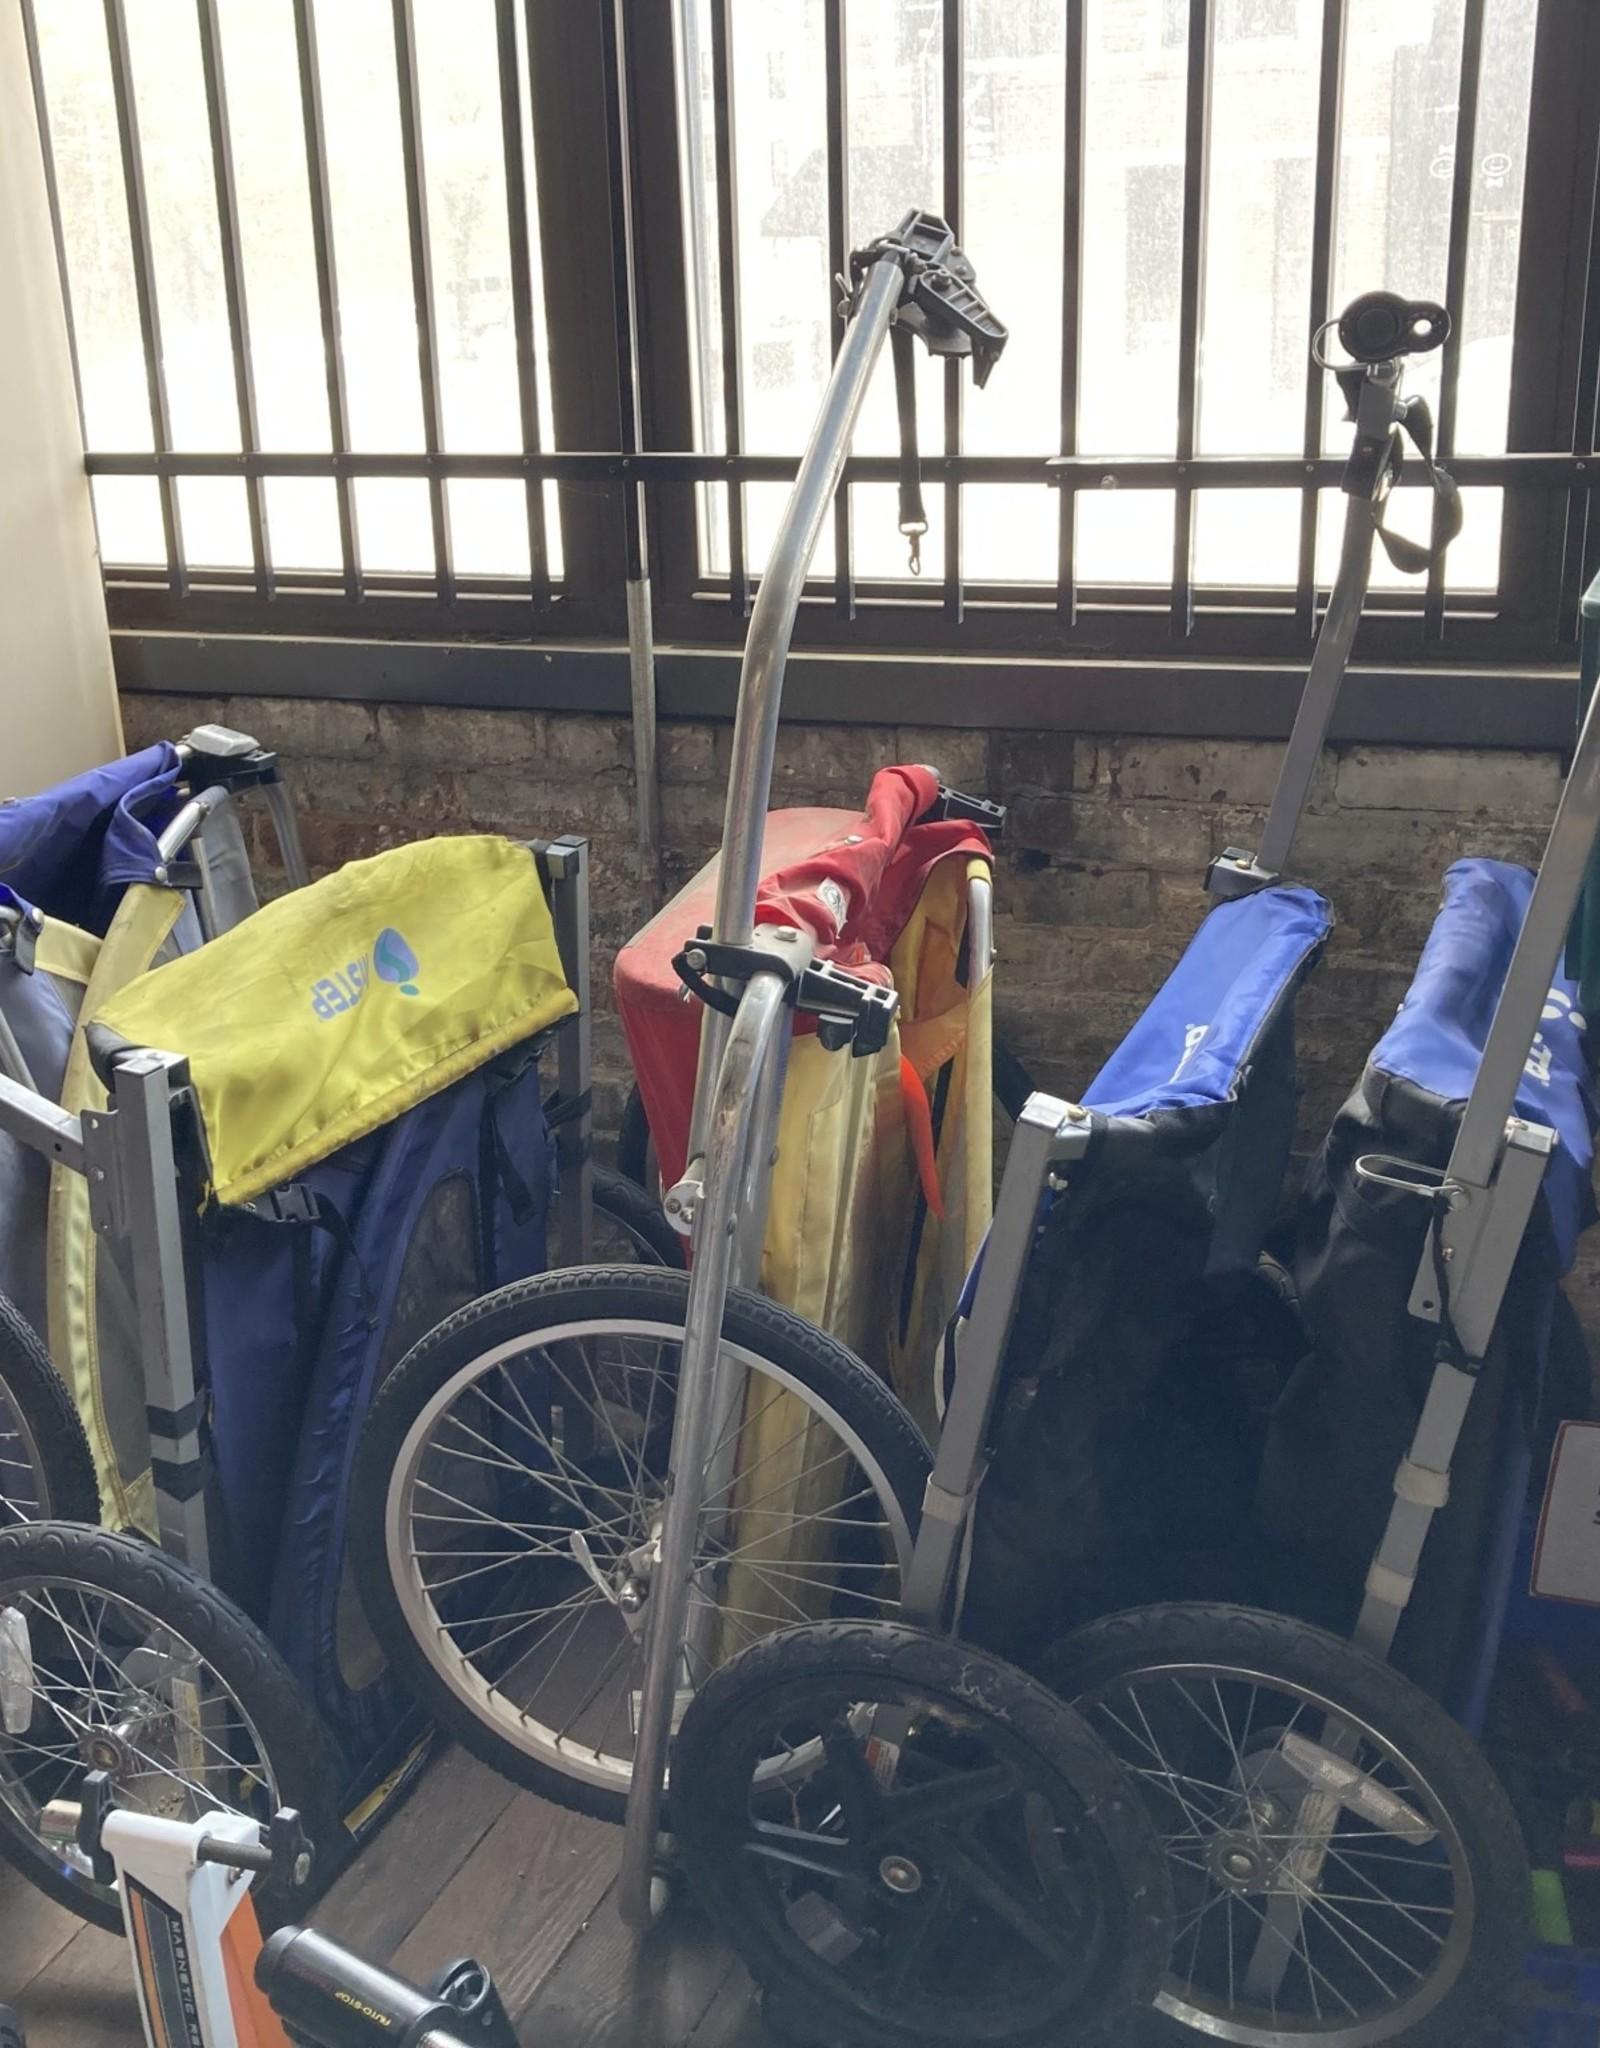 Assorted Bike Trailers: $40 - $120